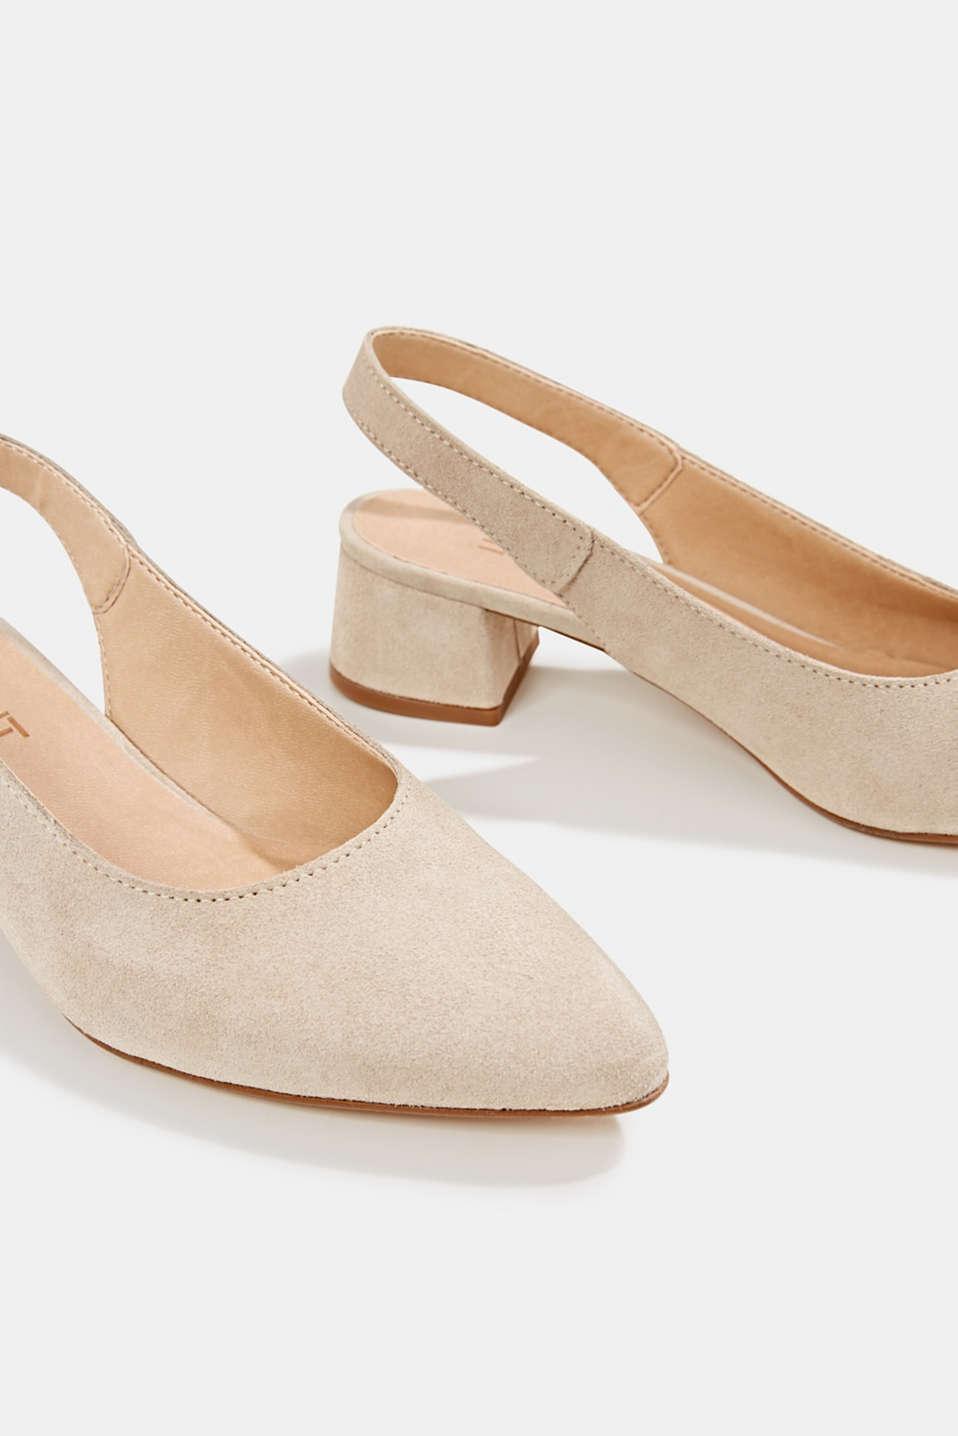 Leather sling back court shoes, BEIGE, detail image number 4